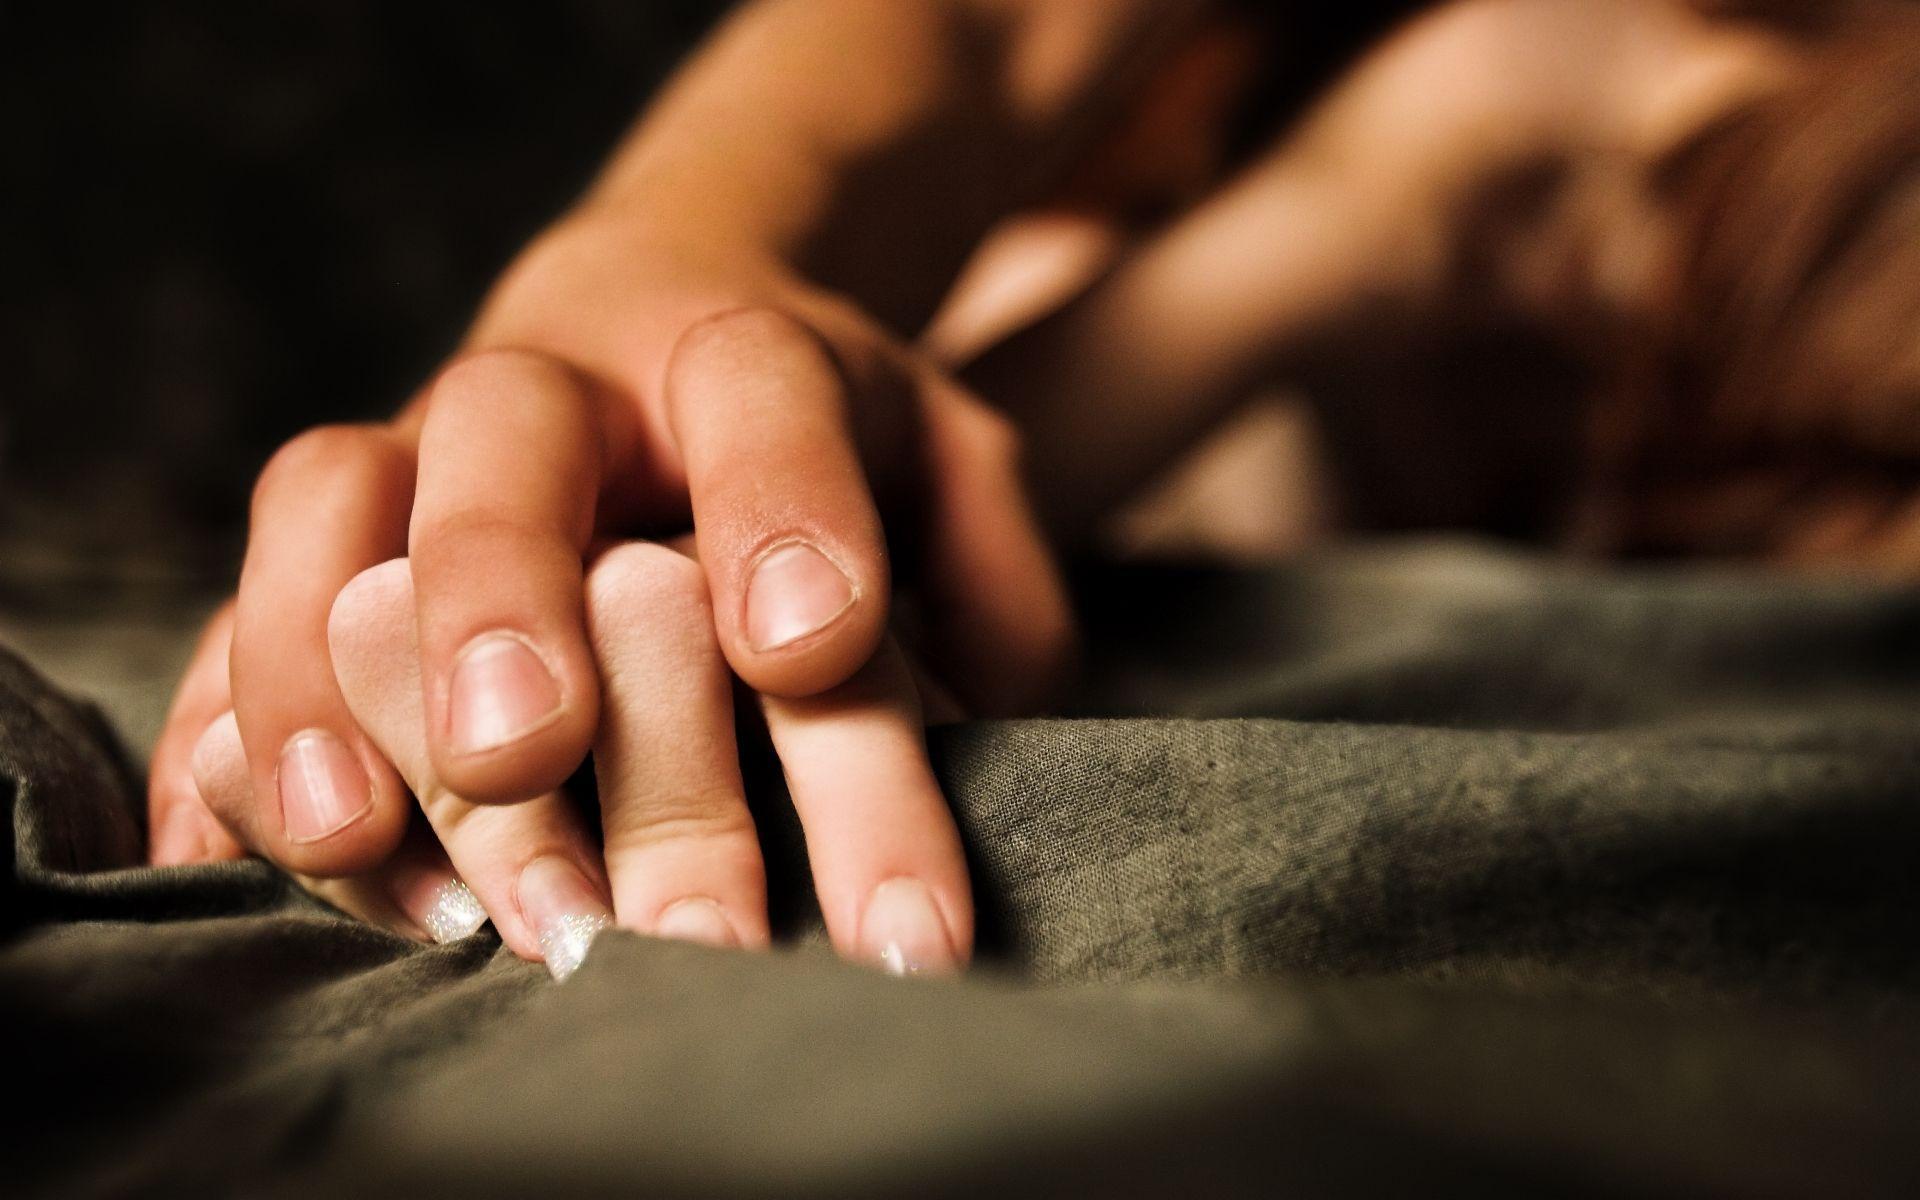 Регулярный оргазм защищает от рака простаты